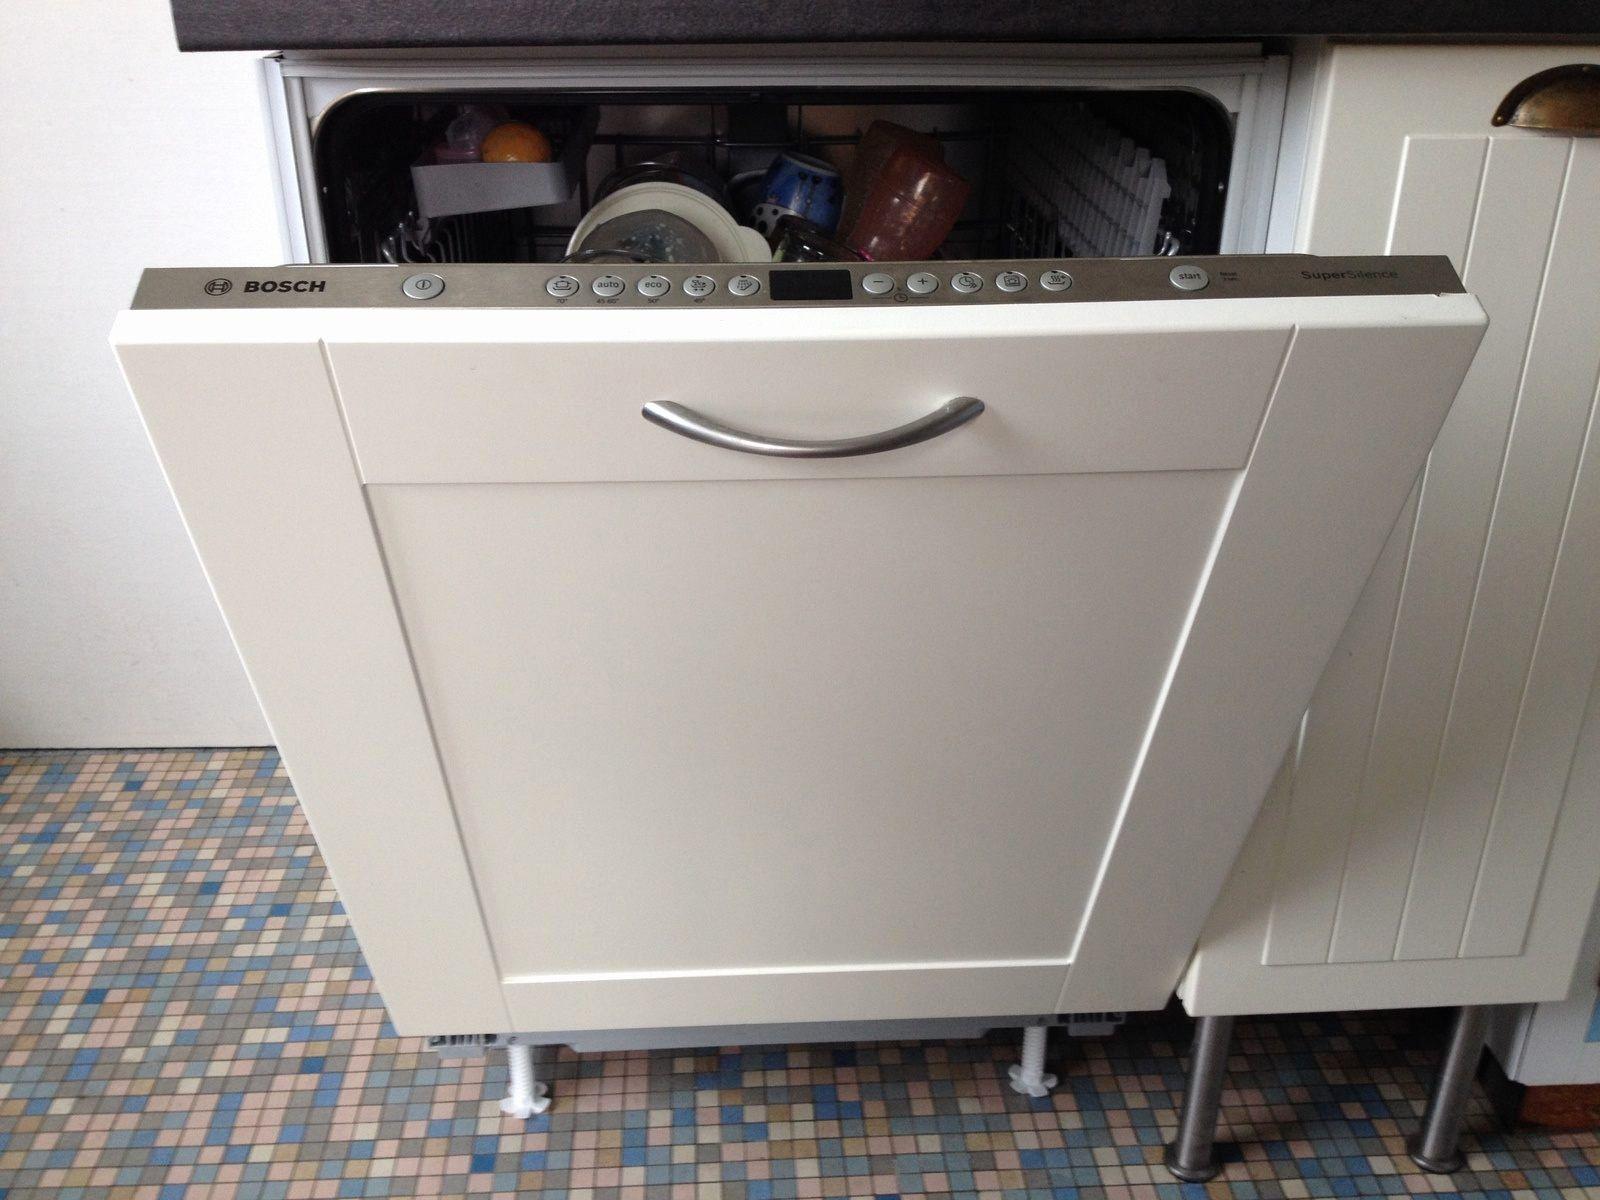 Lovely Destop Dans Lave Vaisselle Home Appliances Cuisine Ikea Ikea